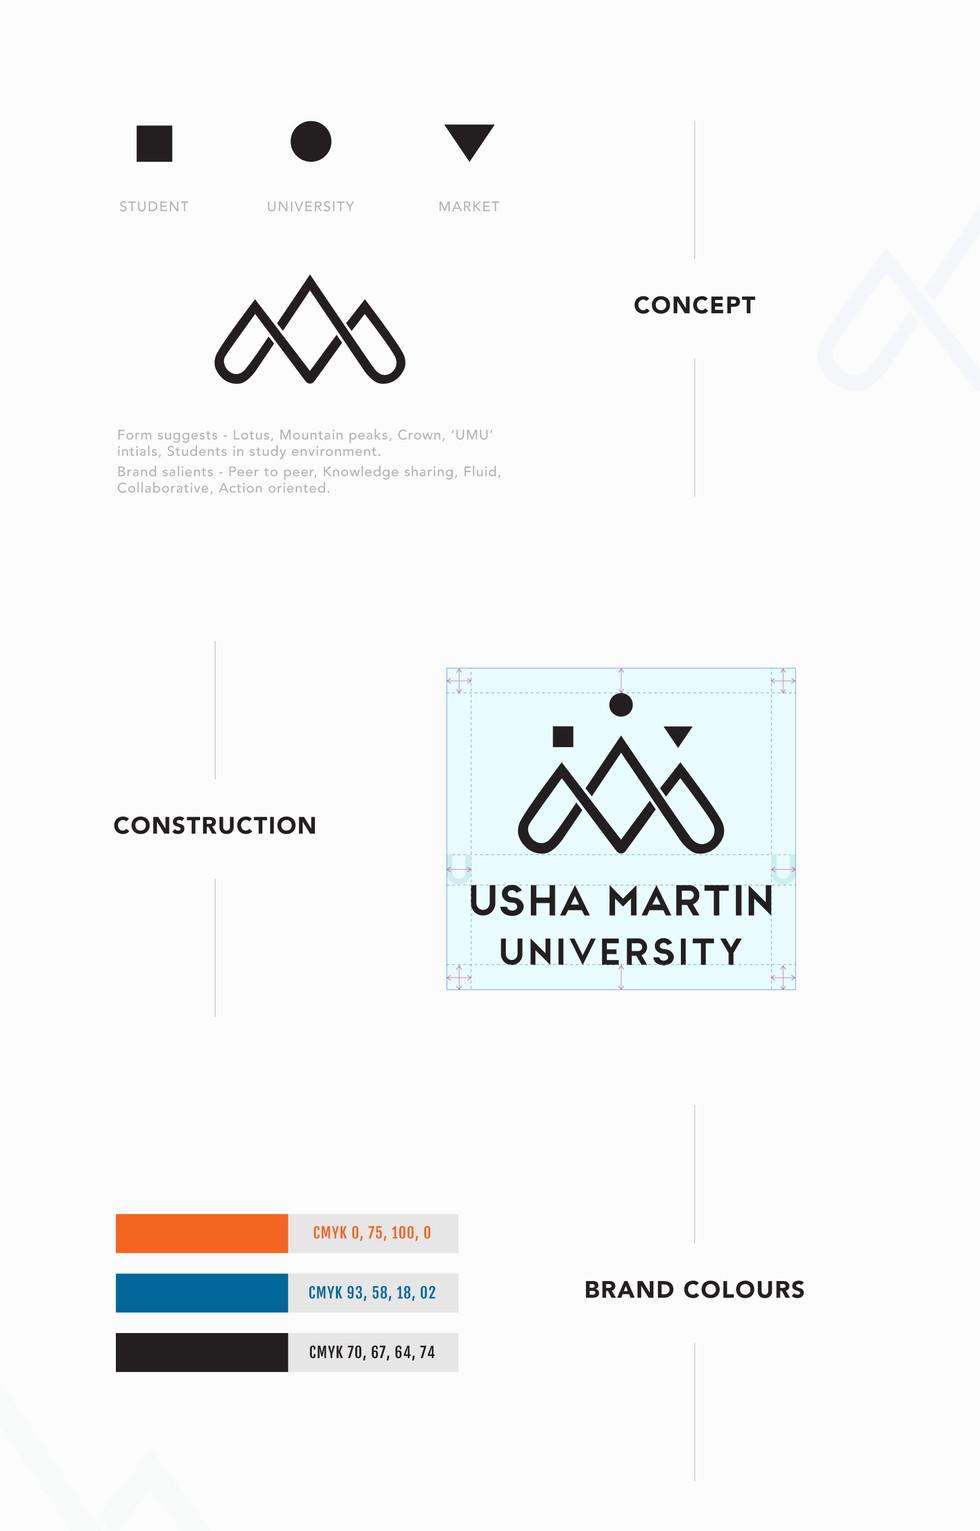 Usha-martin-university-B.jpg